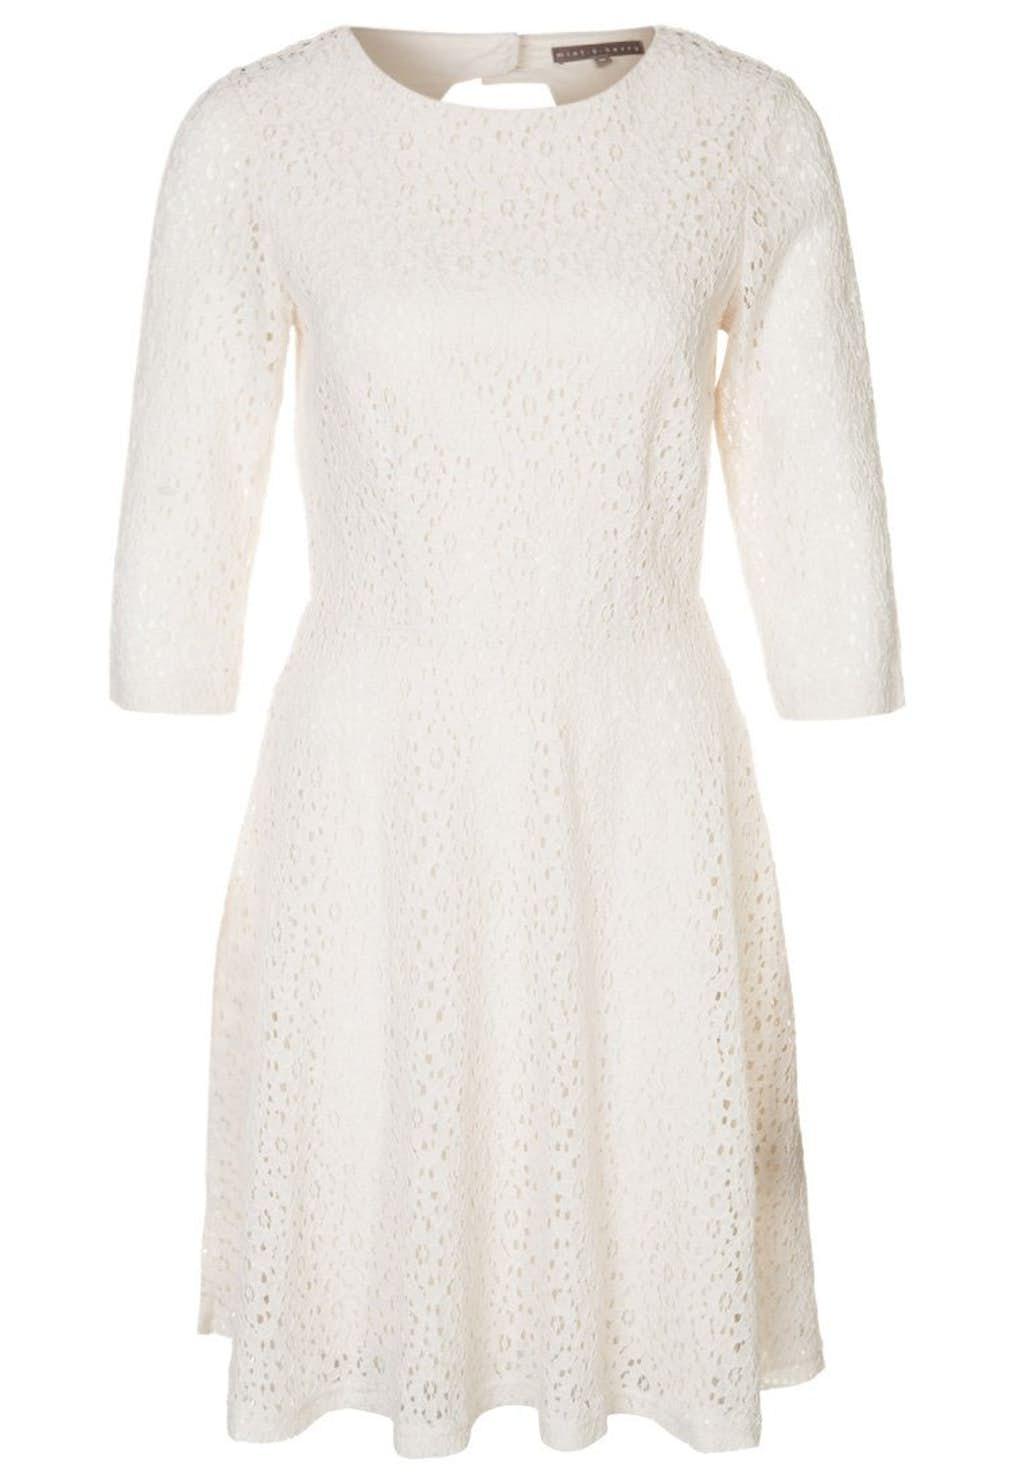 47759d91 Kort, utsvinget kjole med blondedetaljer, 341,- fra Mint&Berry